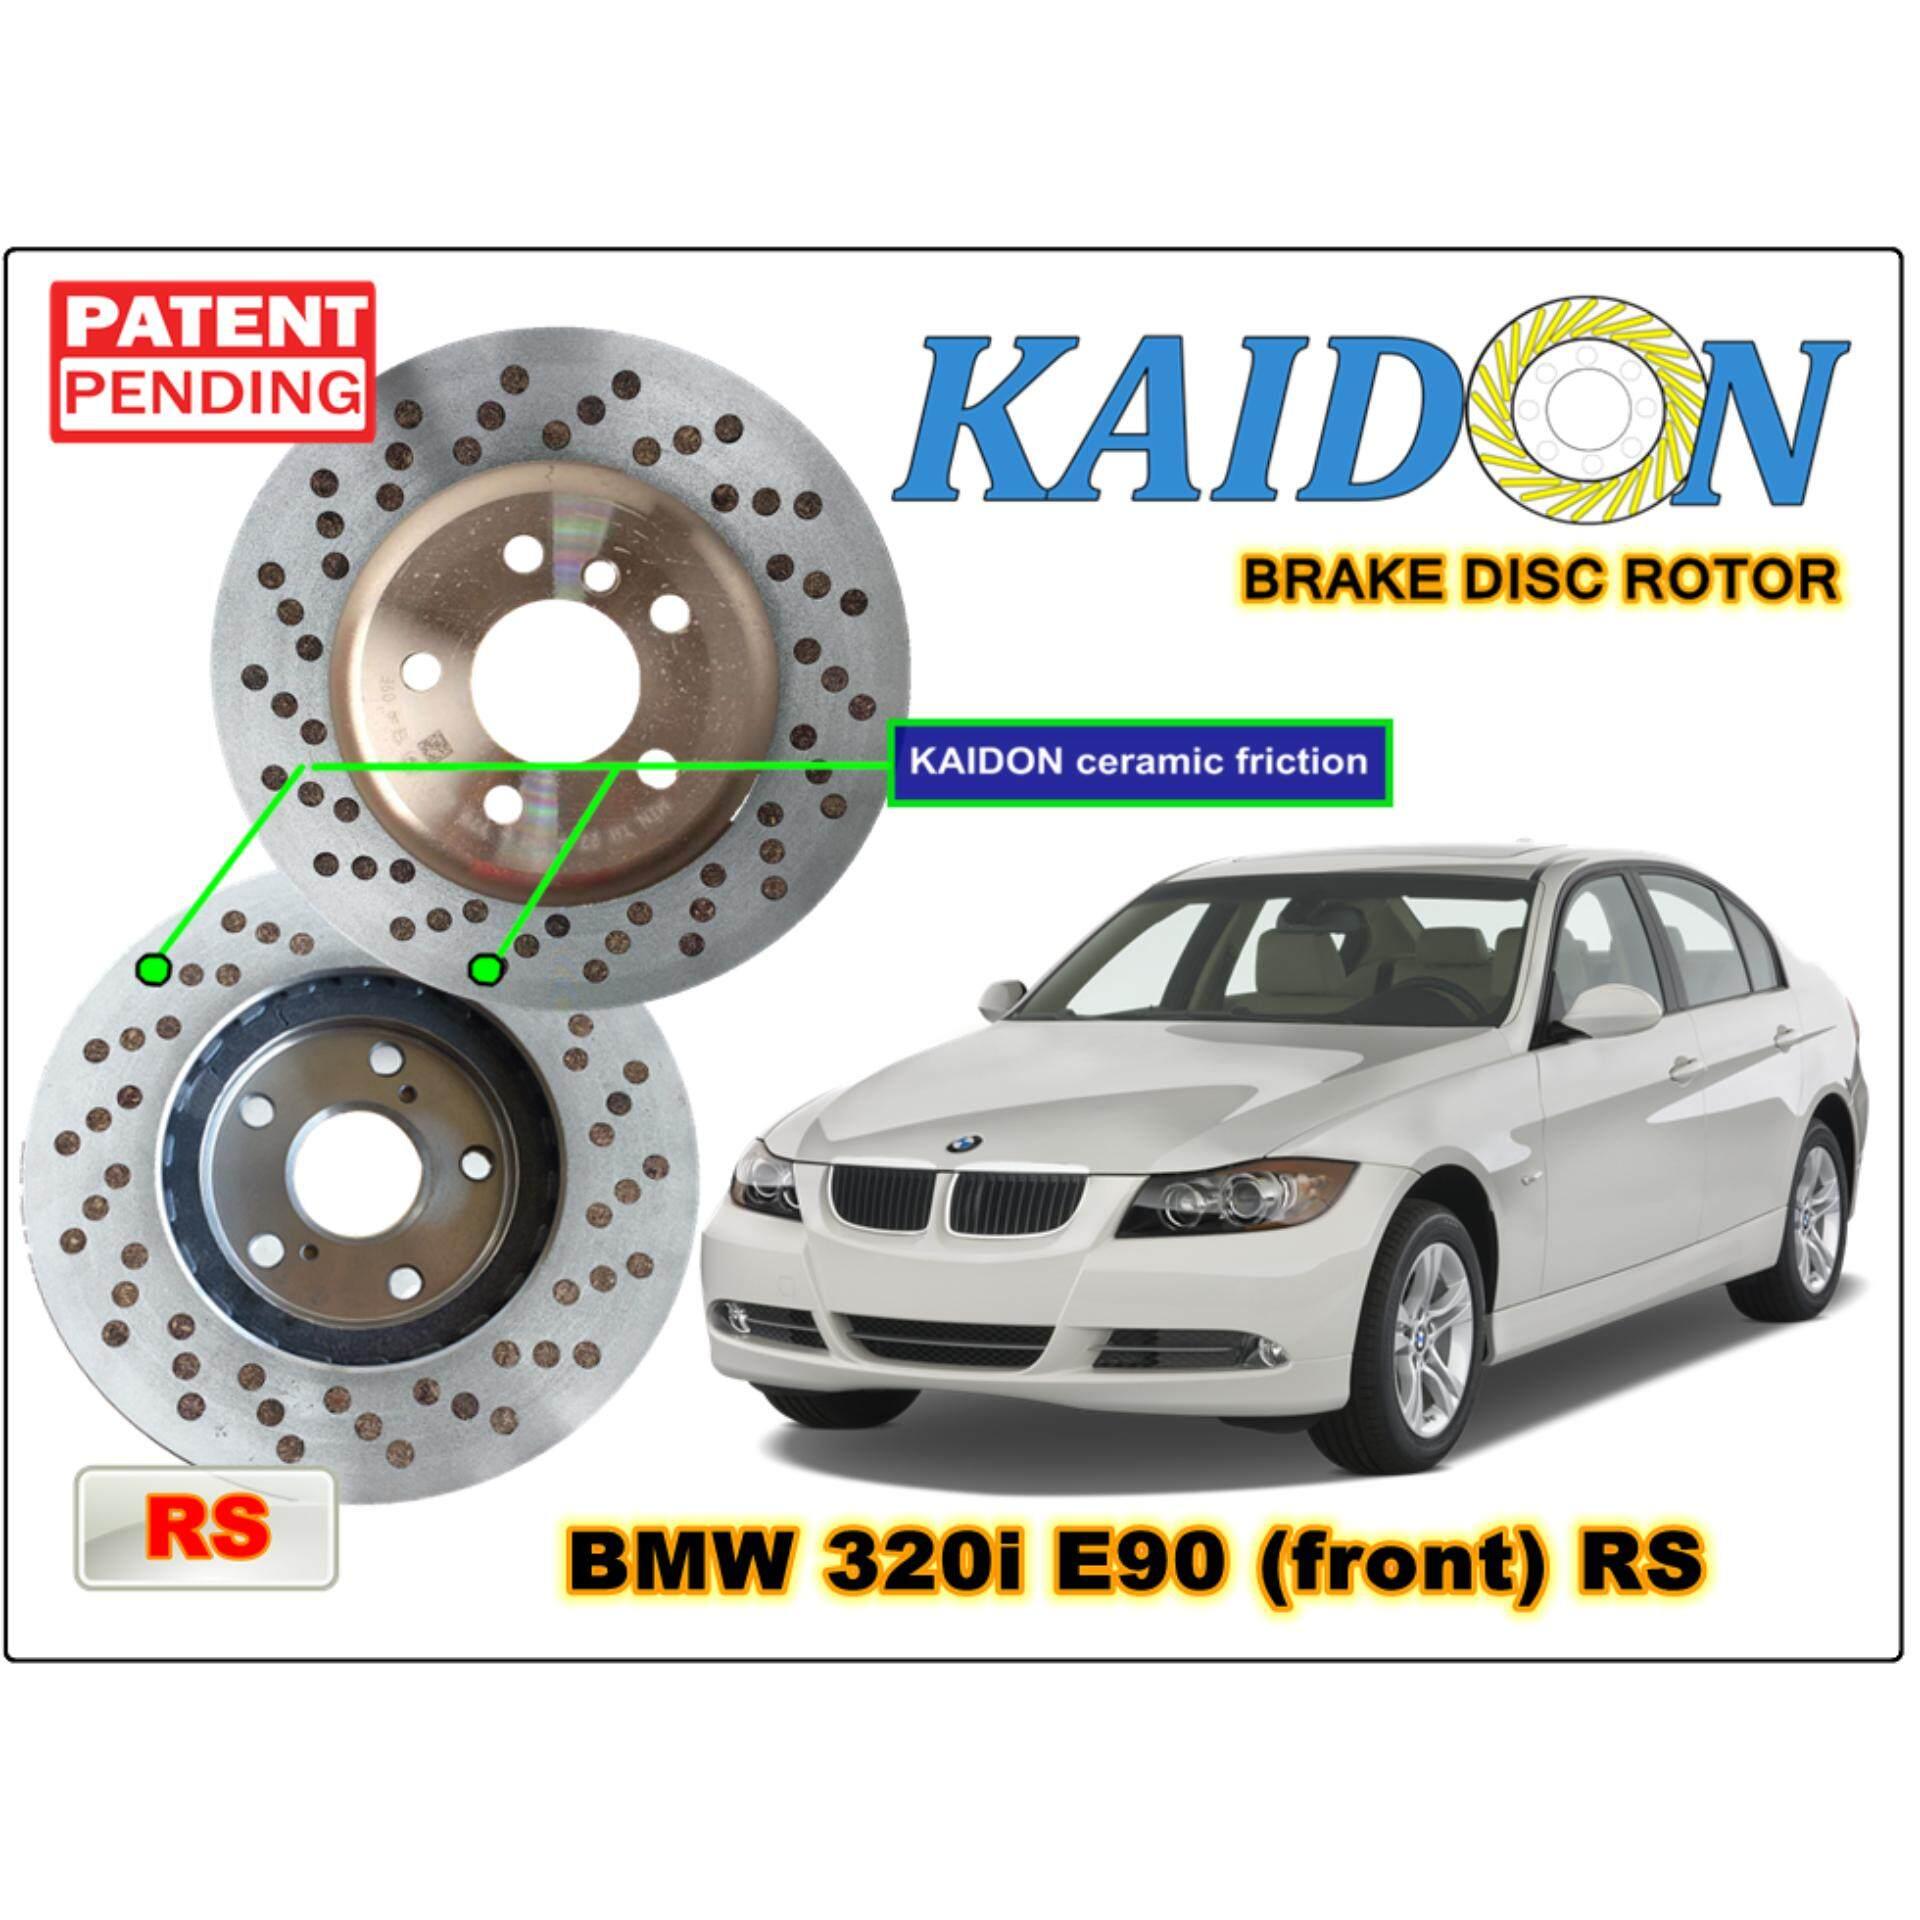 BMW 320i E90 brake disc rotor KAIDON (front) type 'RS' spec